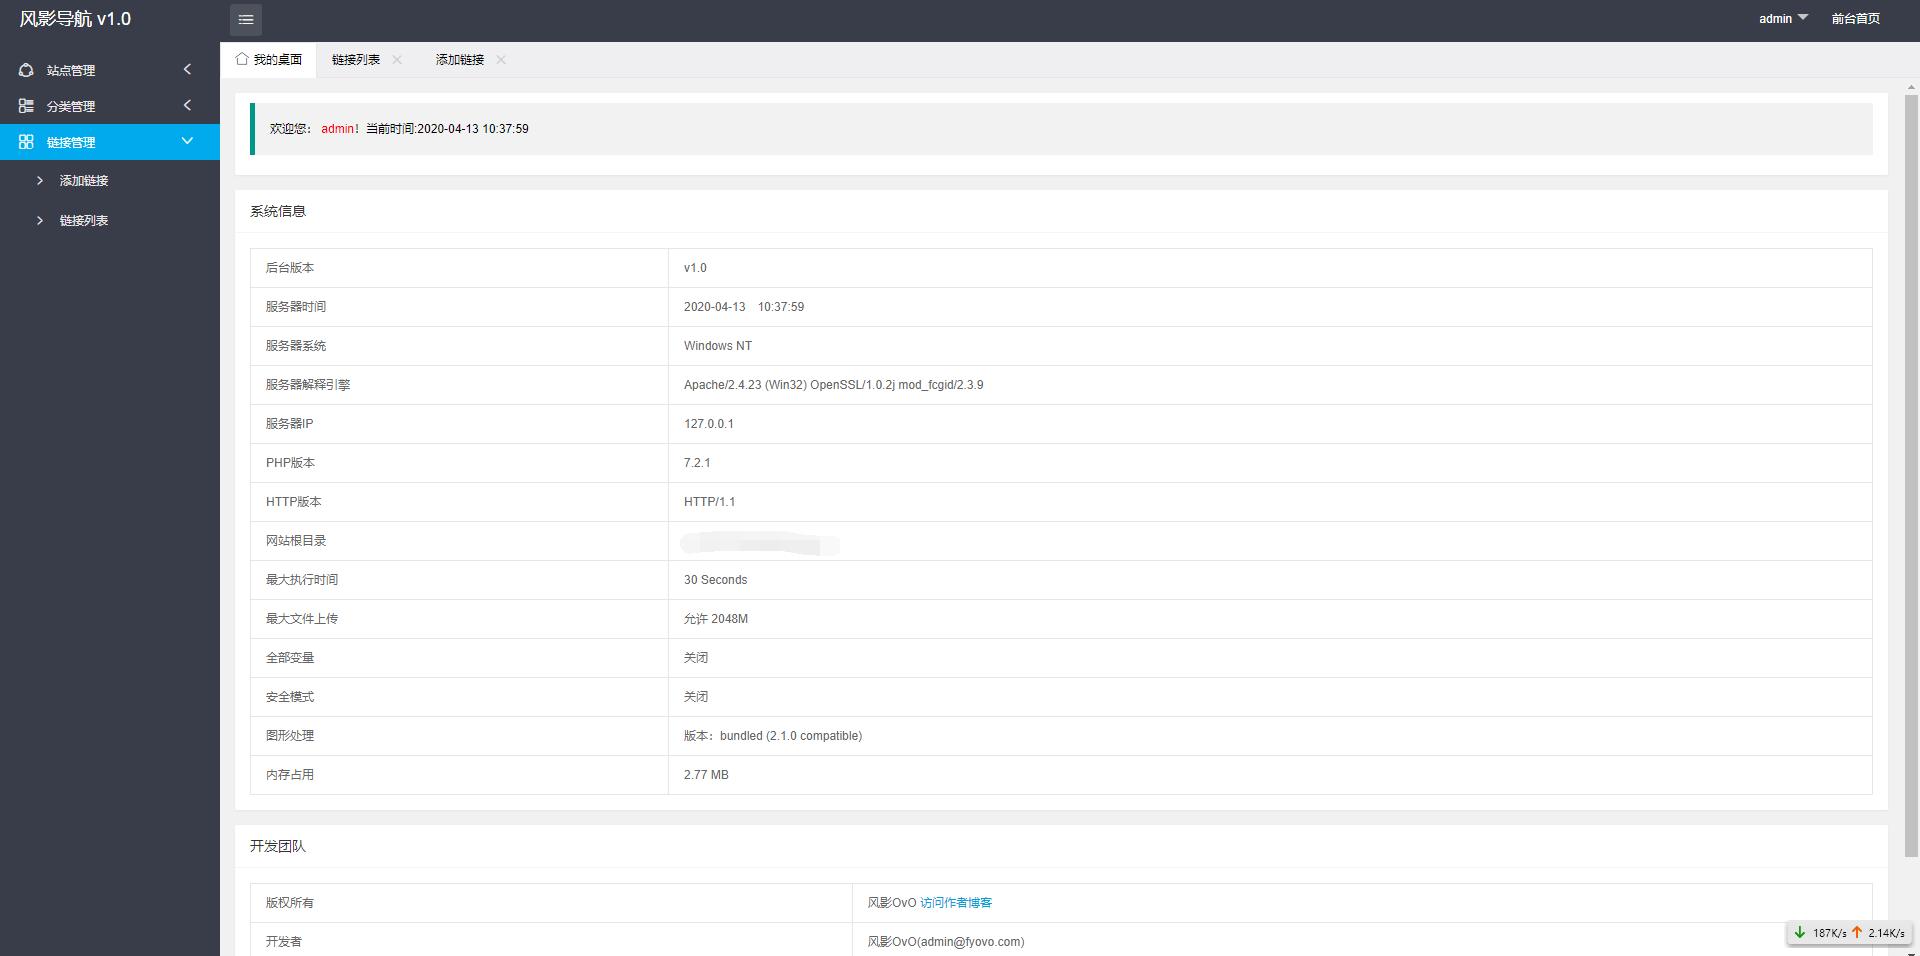 【ThinkPHP框架源码】最新风影导航 v1.0源码(附带后台)-闲人源码